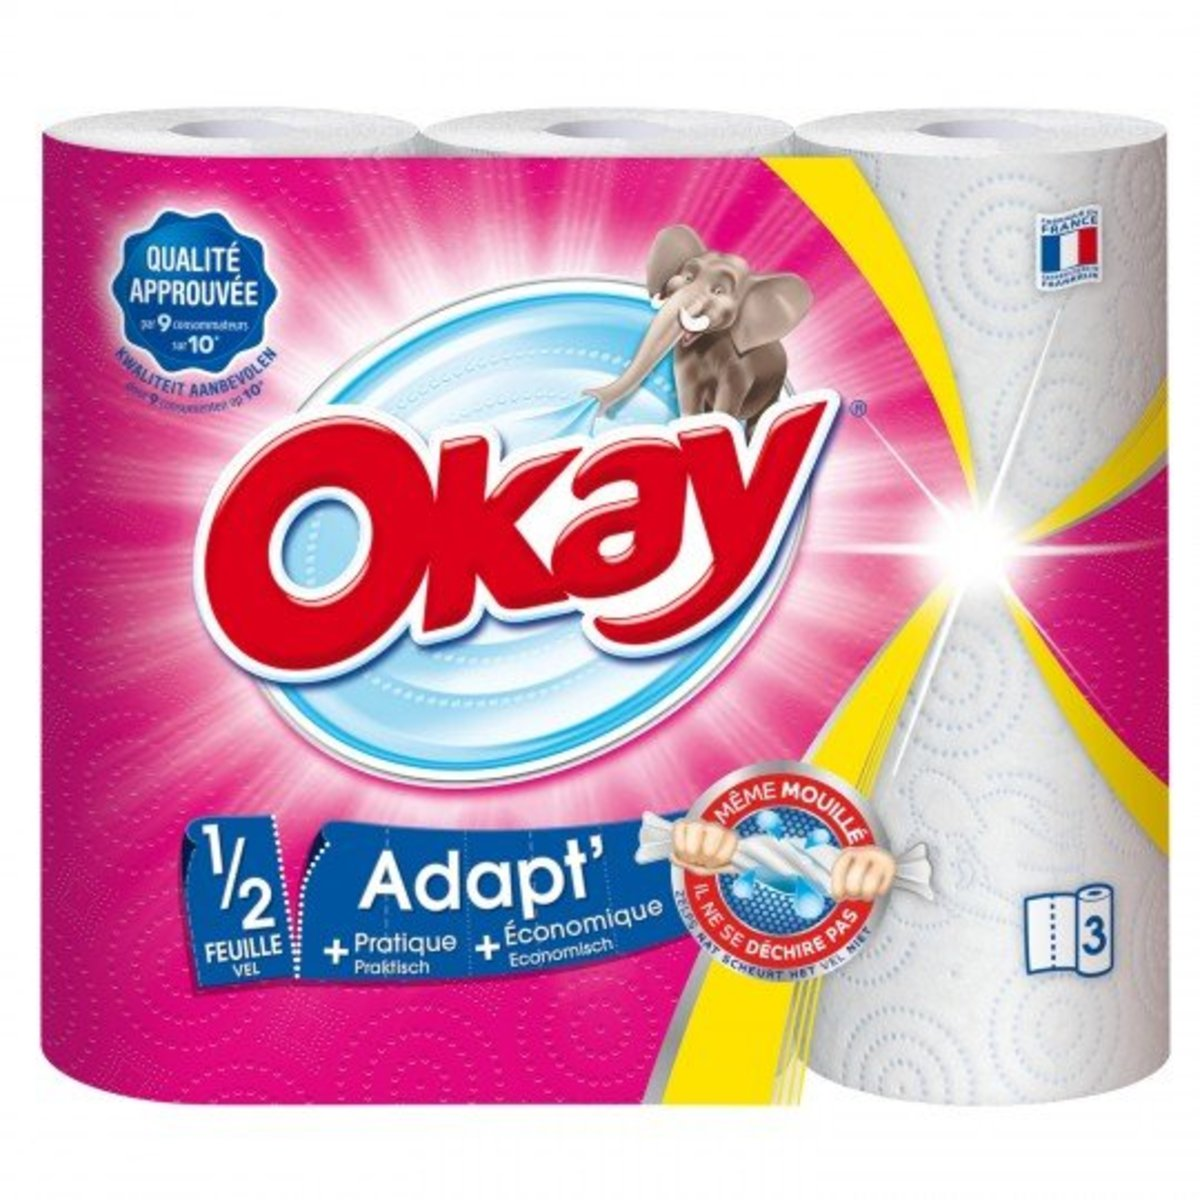 OKAY - Kitchen Towel - 3rolls